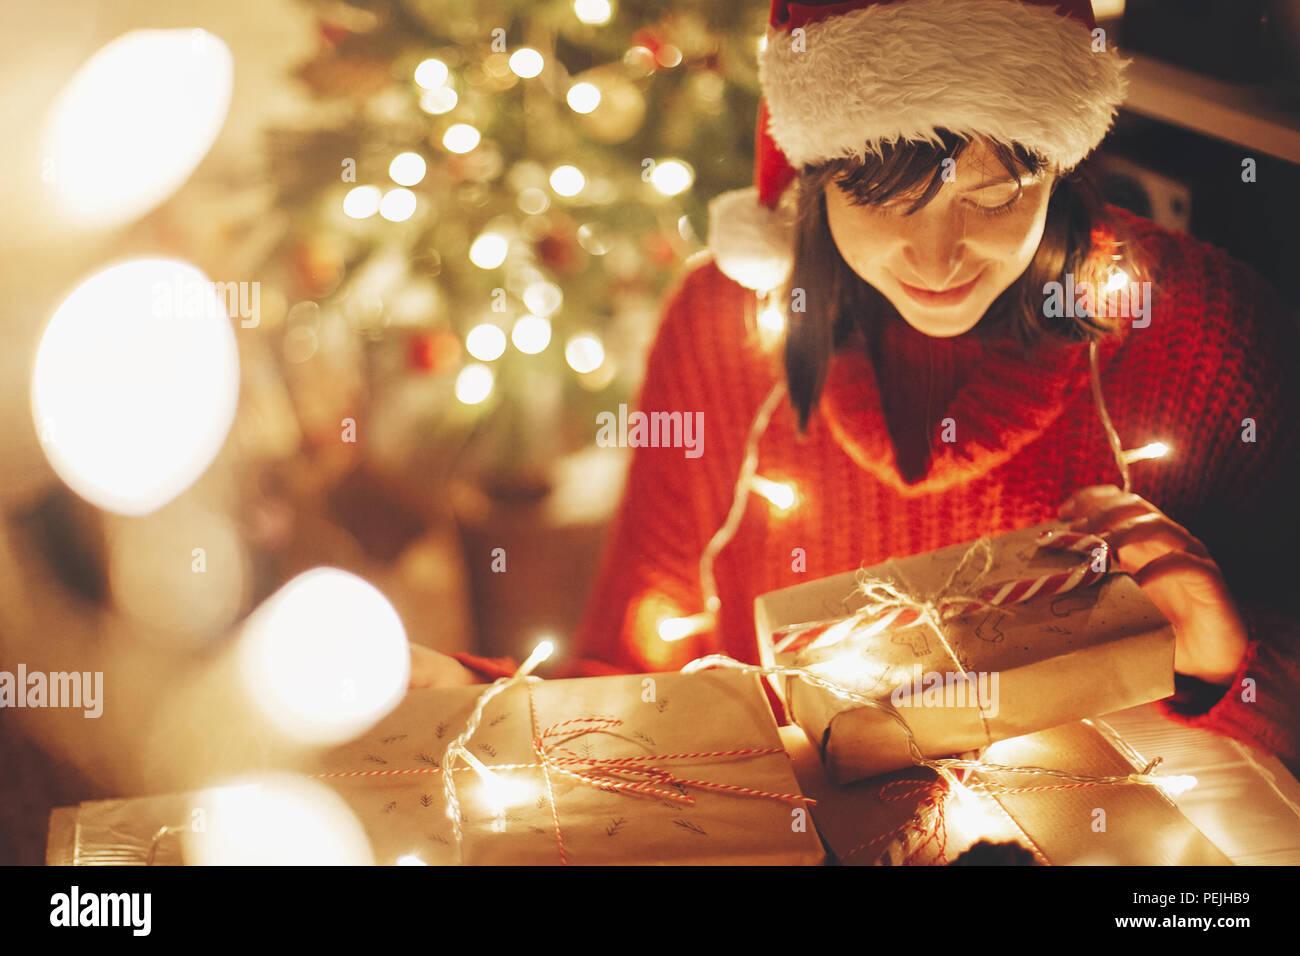 Regali Di Natale Ragazza.Buon Natale Ragazza Impacchettare I Regali Di Natale Con Le Luci